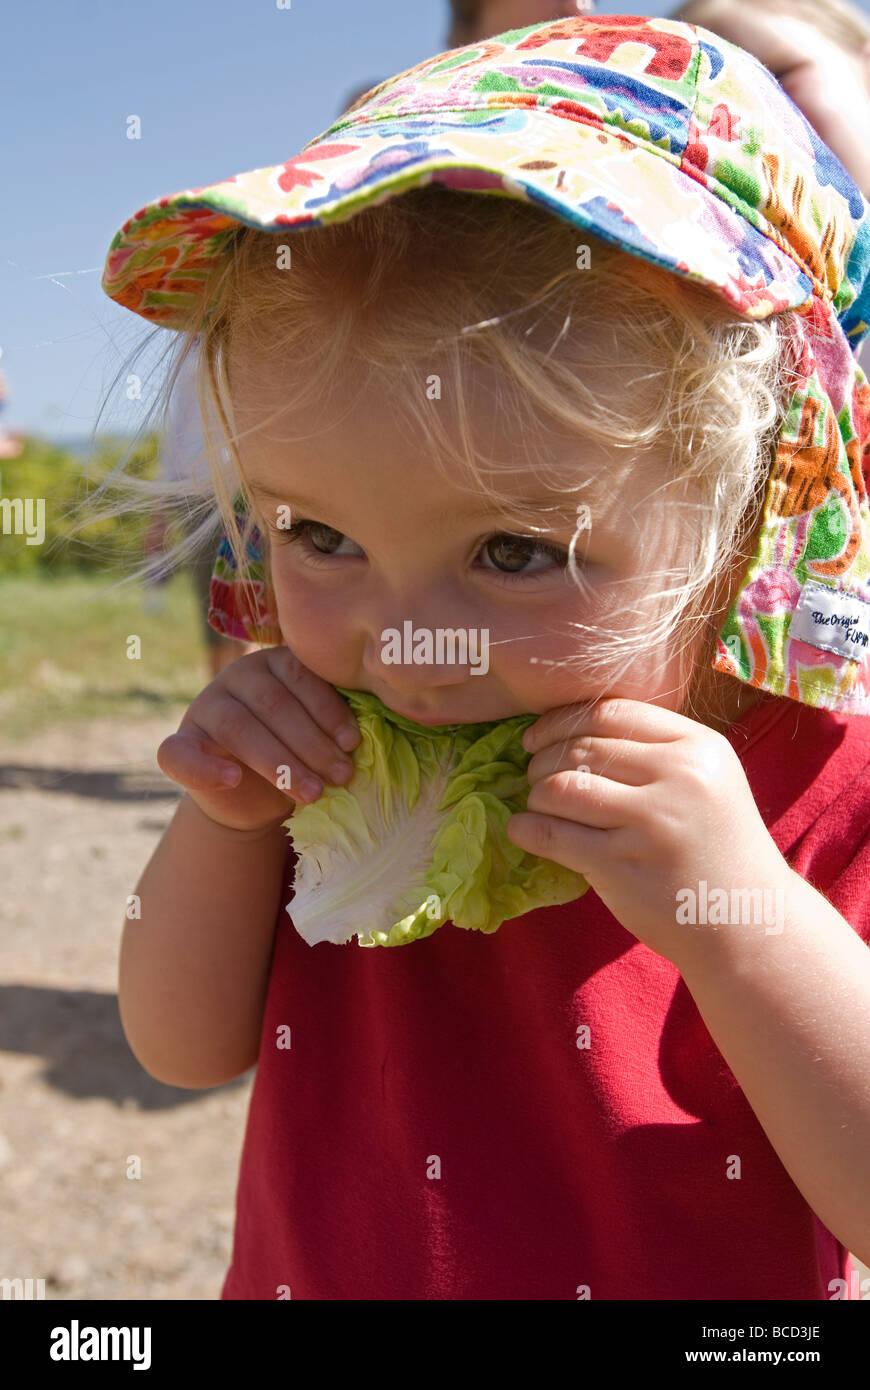 Una niña de dos años comiendo lechuga durante una mano fincas tour orgánicos. Imagen De Stock